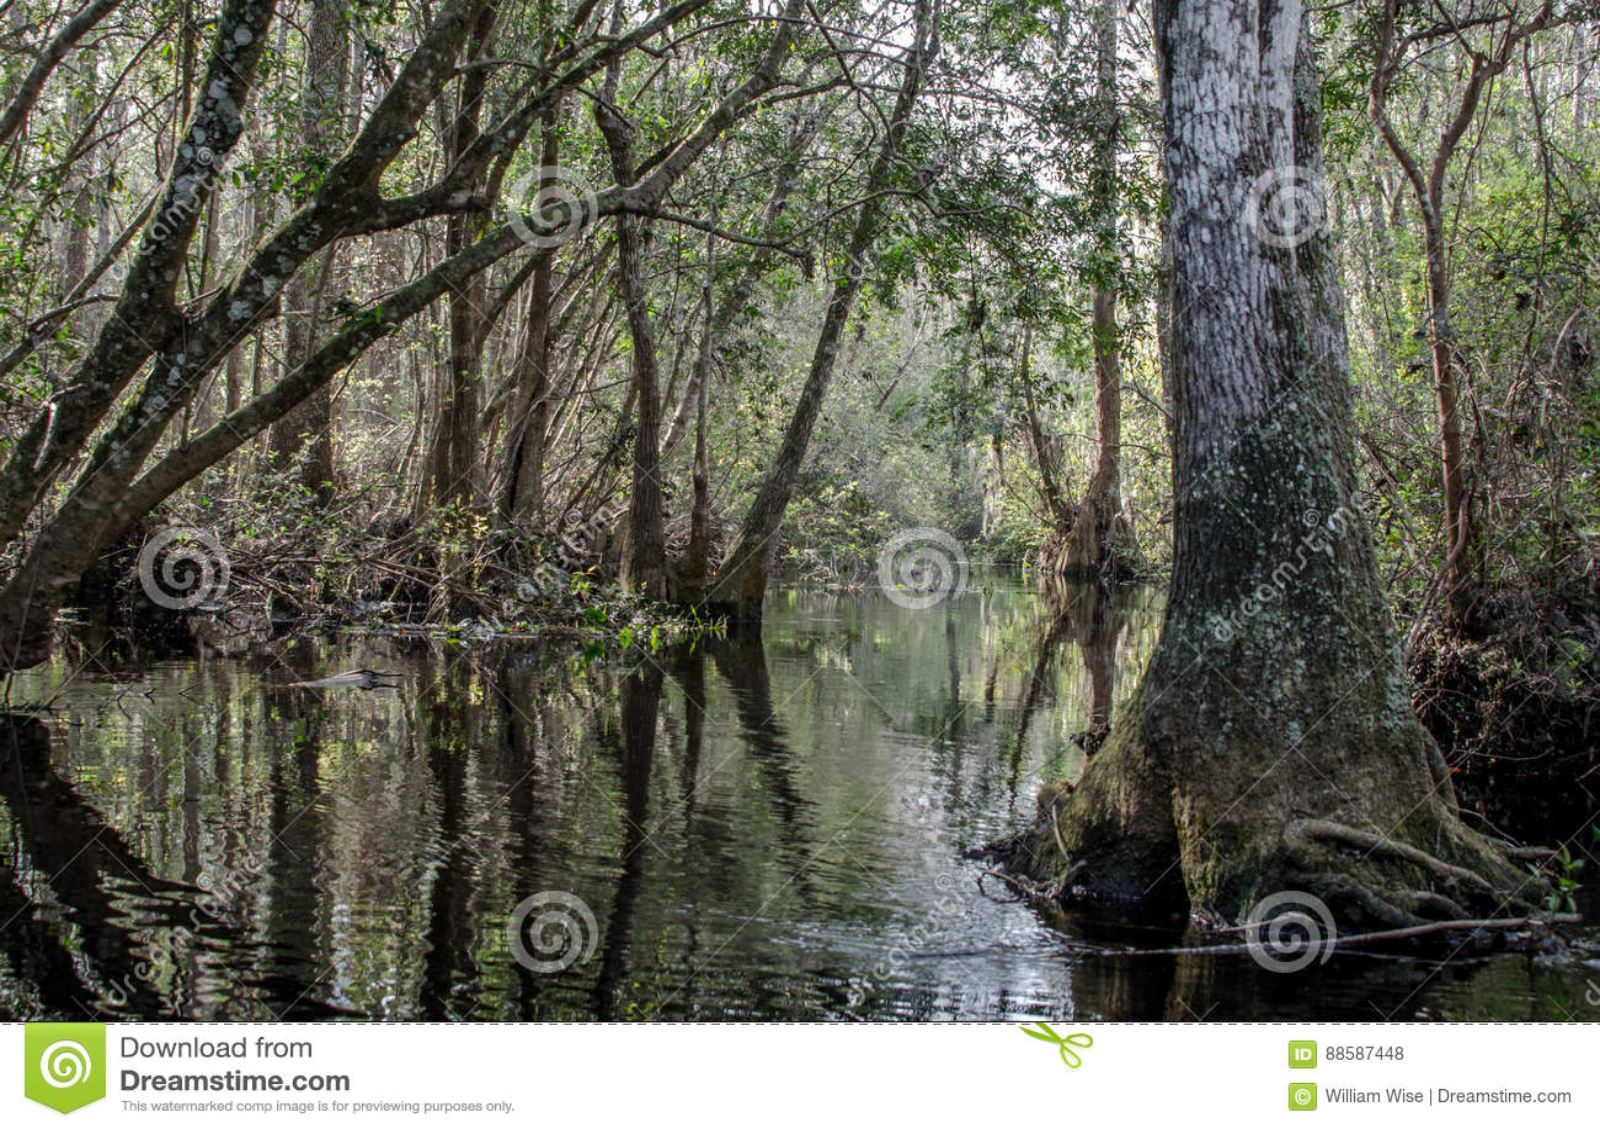 Река суживает след каное, охраняемую природную территорию соотечественника болота Okefenokee